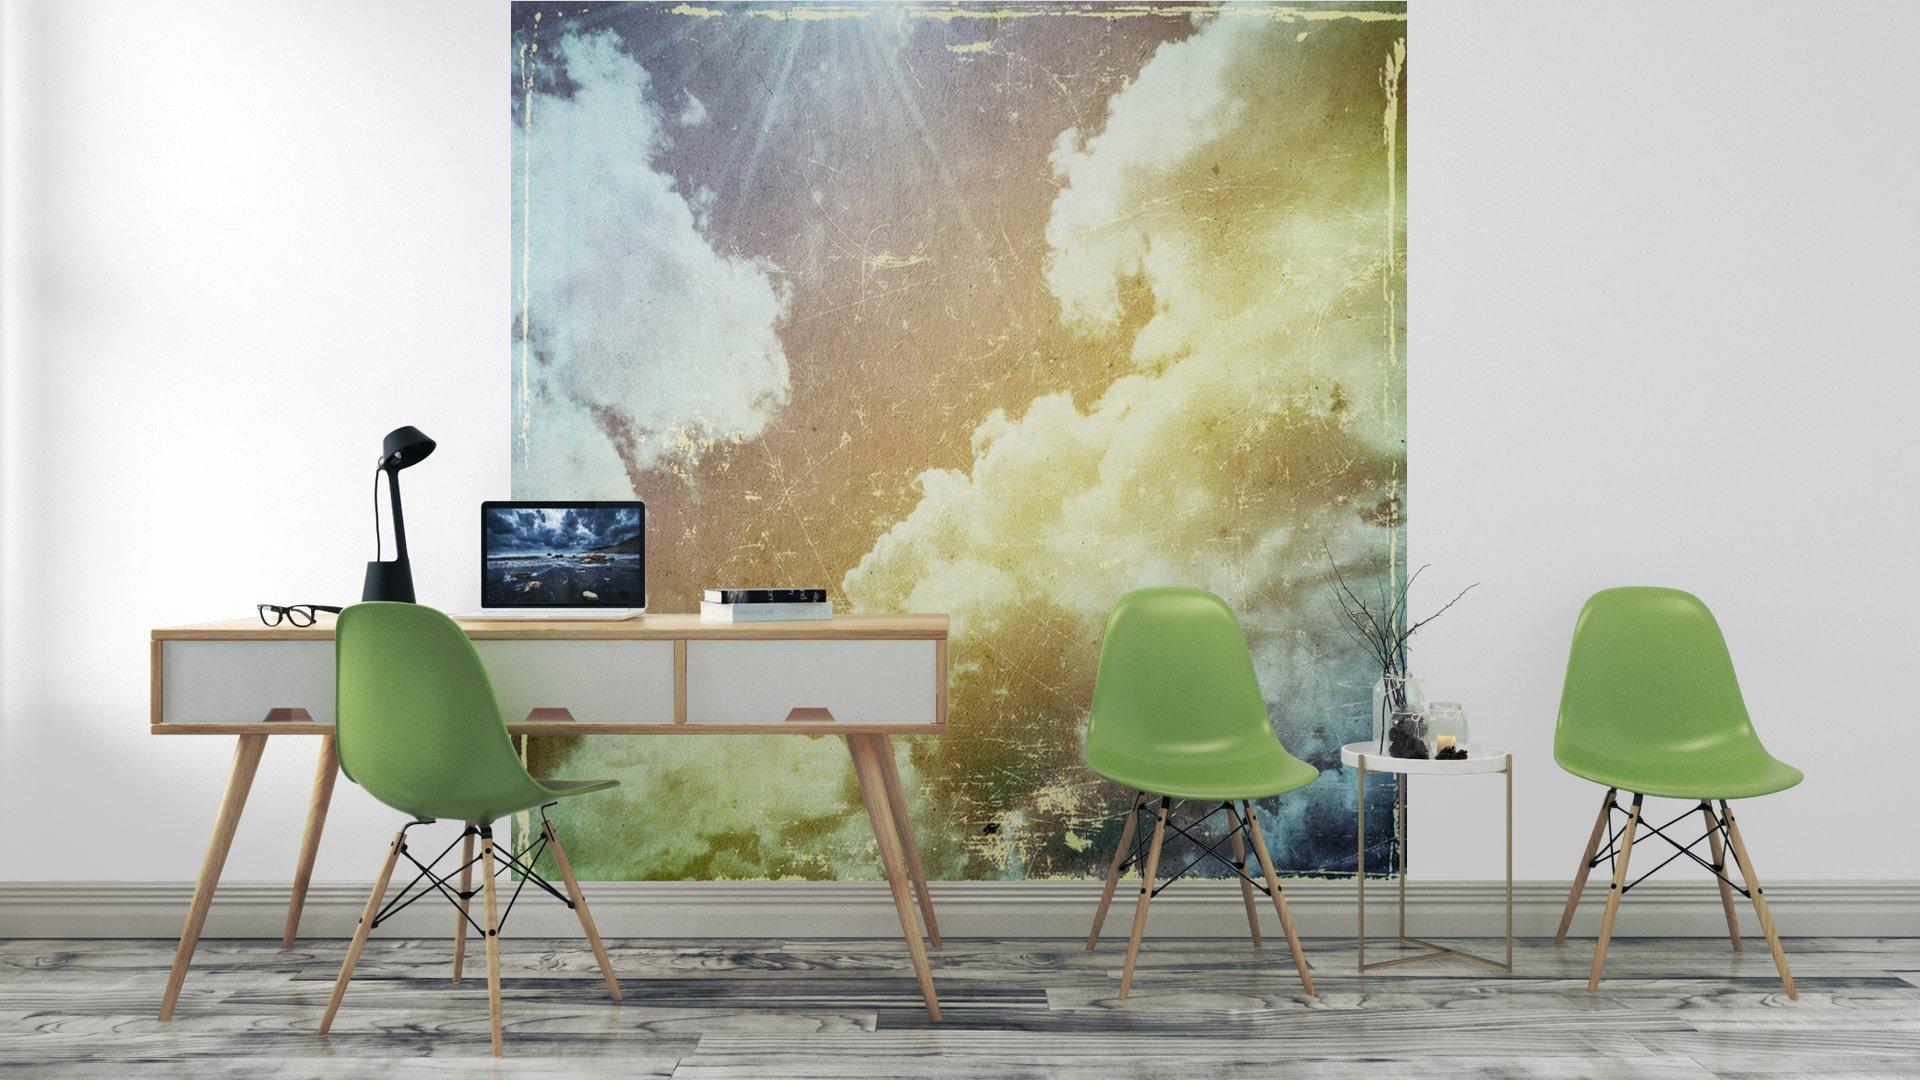 GRUNGE TEXTURA DE PAPEL. LA NATURALEZA DE FONDO ABSTRACTO4 - Fotomural Tapiz Abstracto Nubes Tipo Grunge